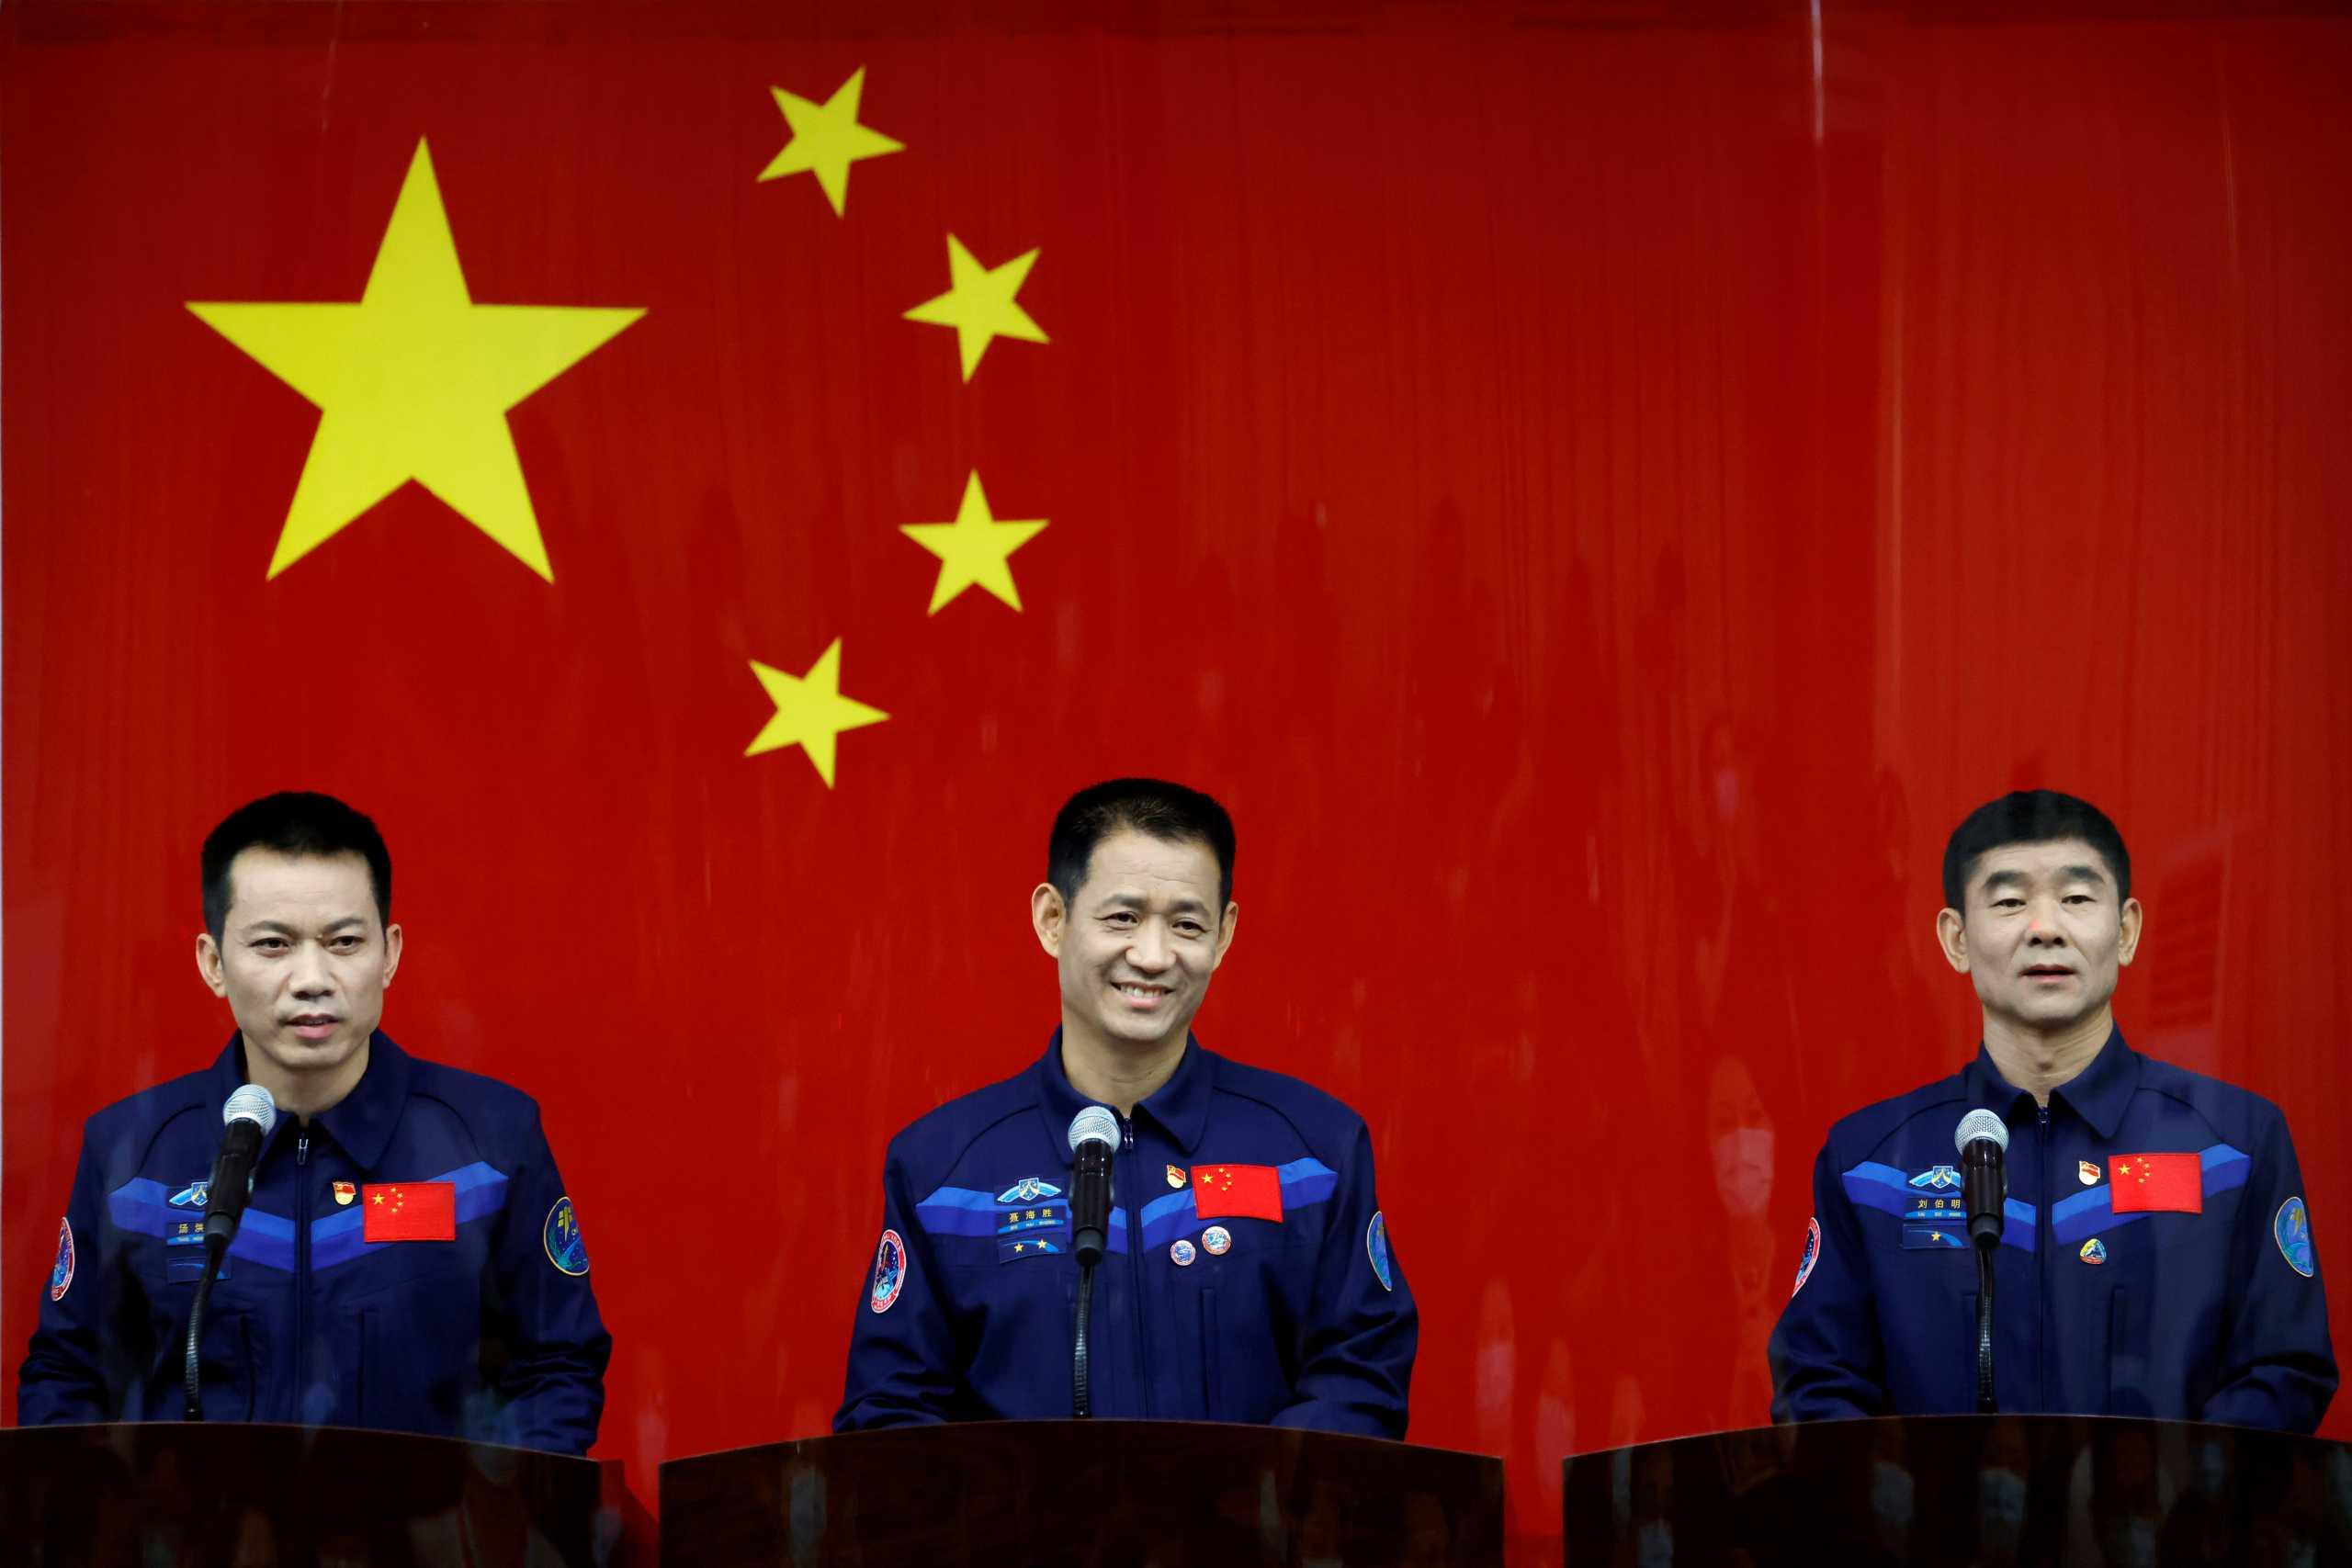 Η Κίνα στέλνει αστροναύτες στον υπό κατασκευή διαστημικό σταθμό της (pics)